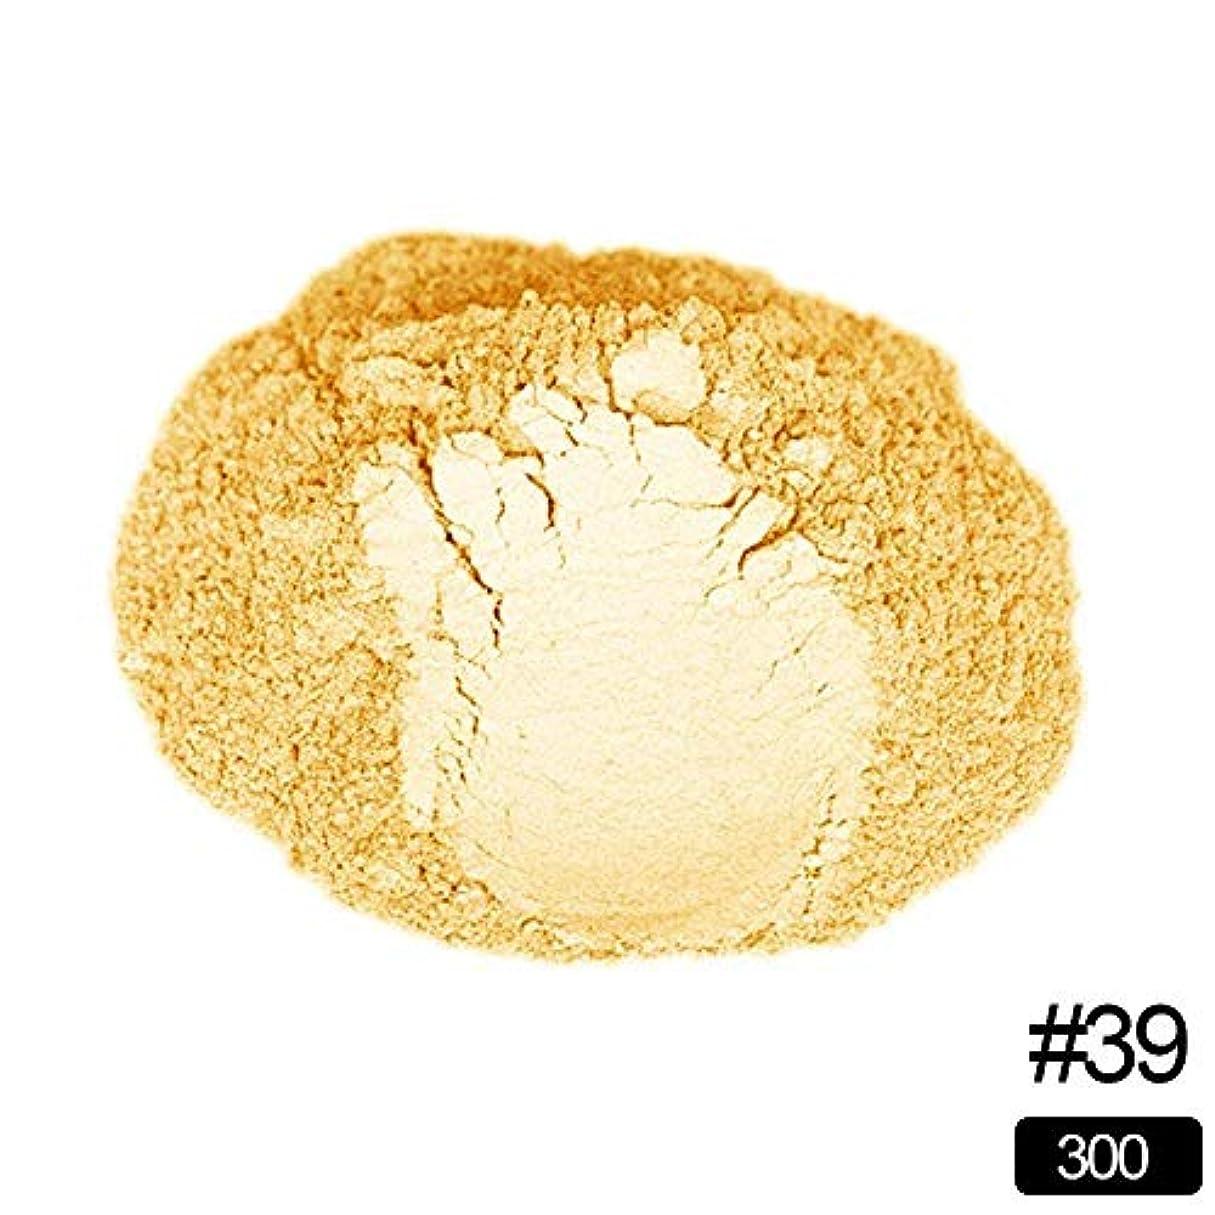 先メイエラアッティカスBETTER YOU (ベター ュー) 夏のアイシャドウ、口紅、フリッカー、カラフル、崩れない、ぼかしやすい、69色 目、唇、フリッカー、ハイライト (AAD 409)